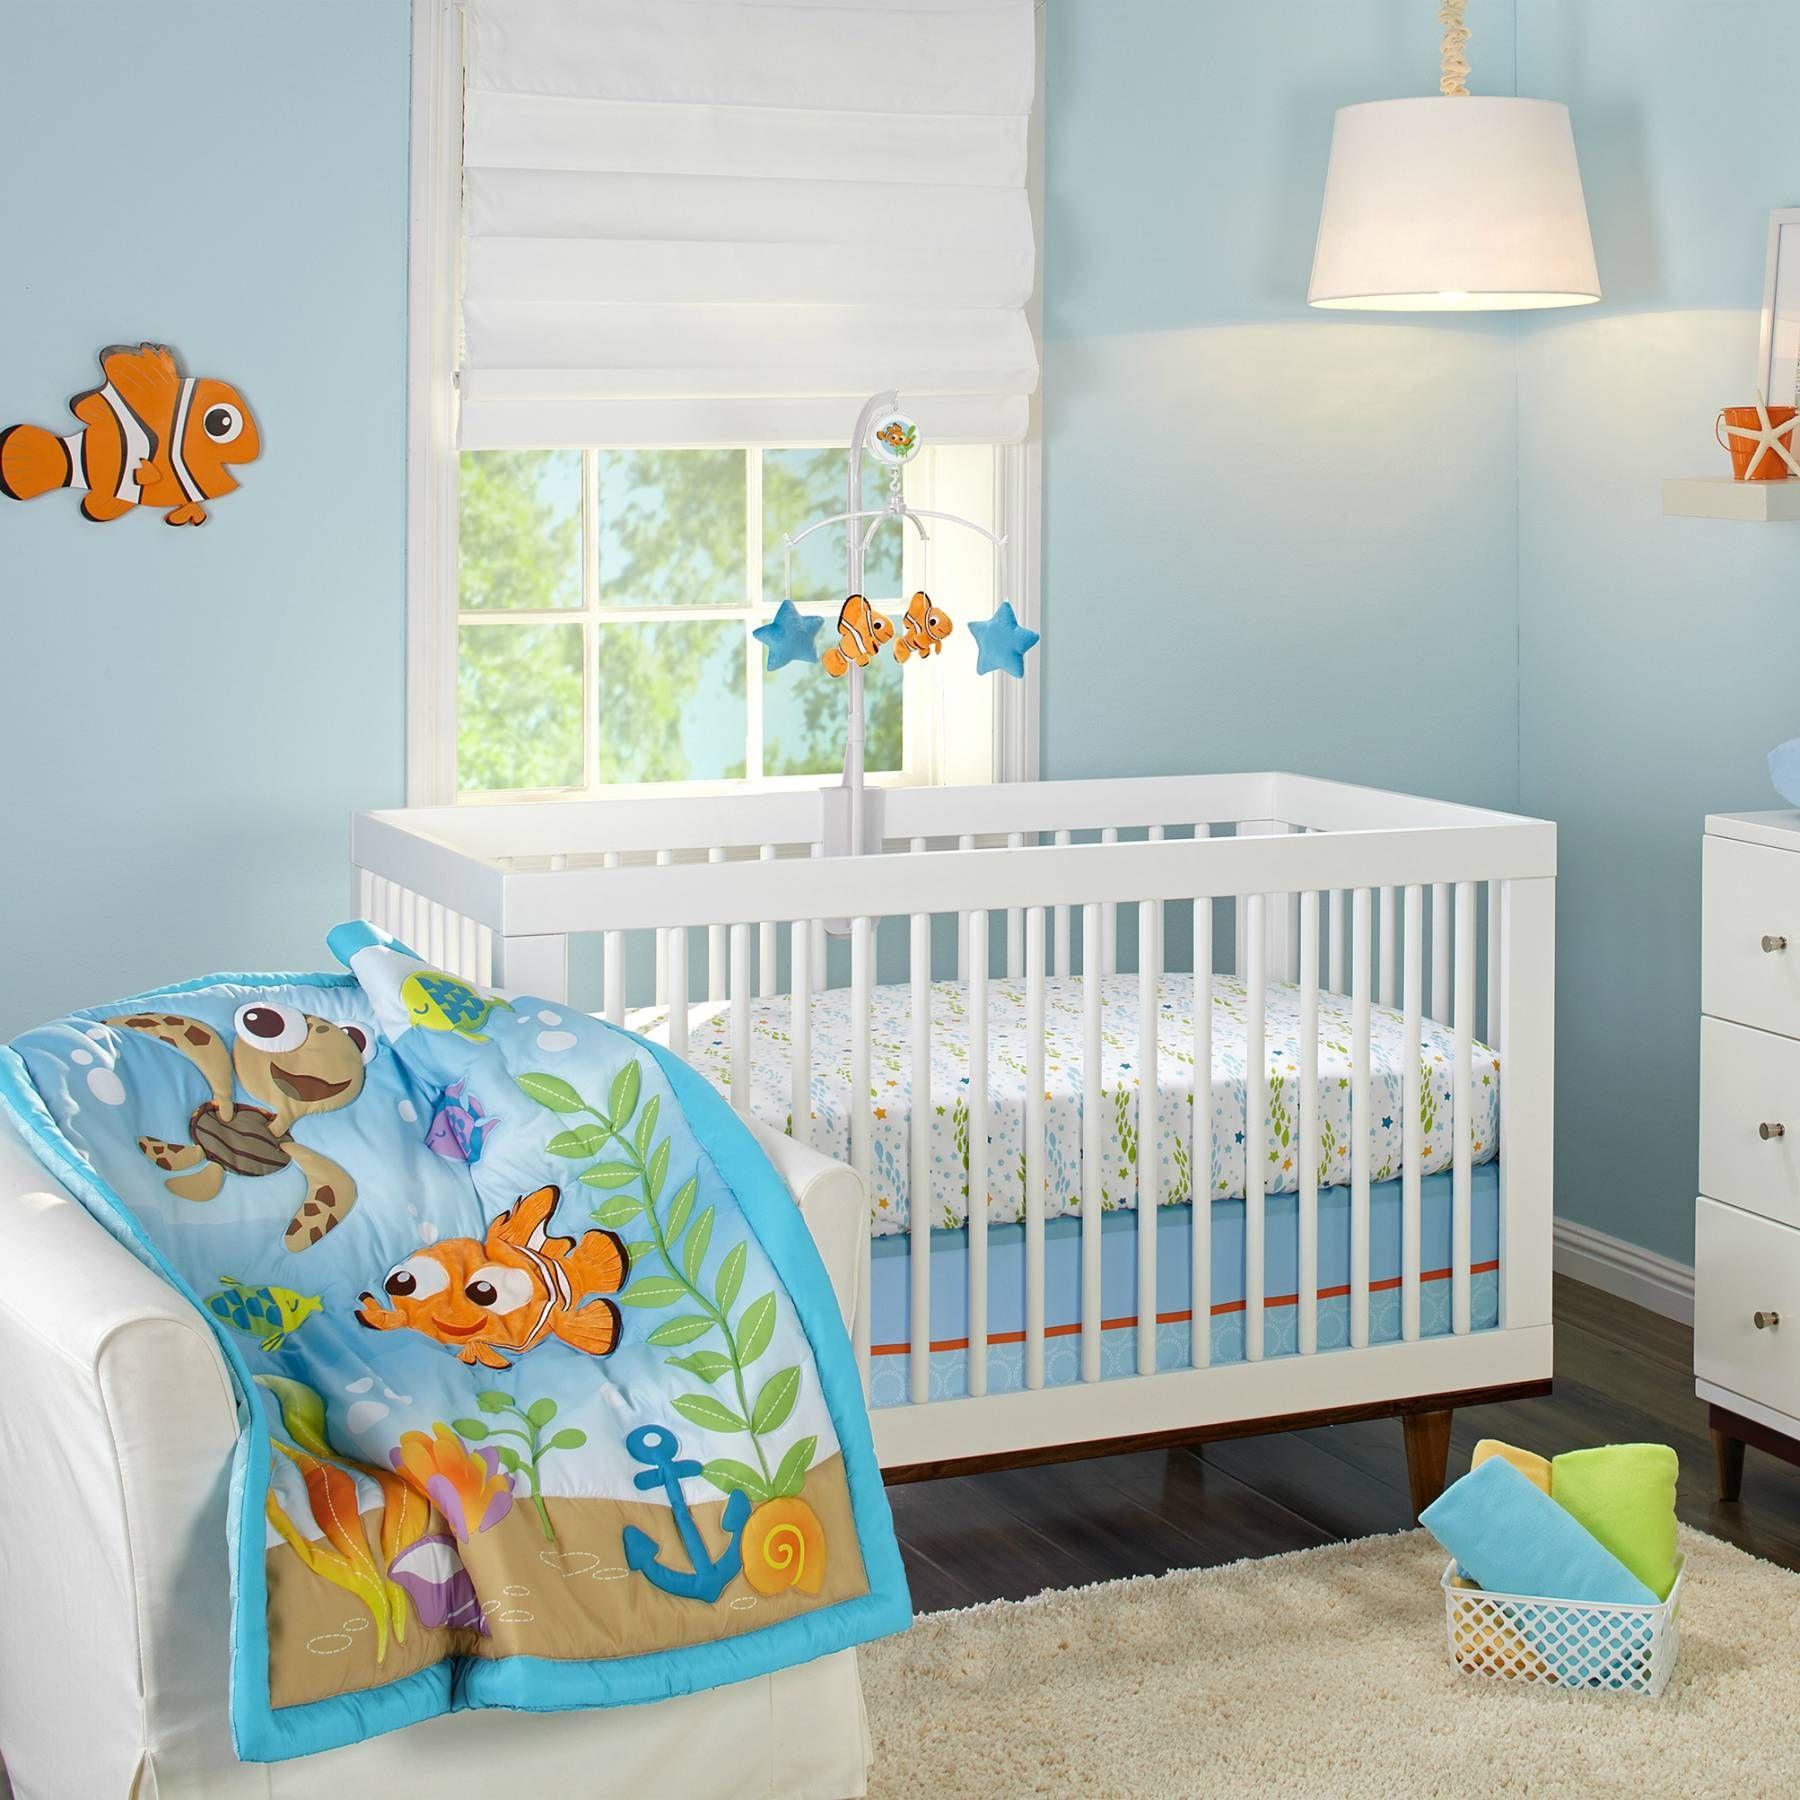 Shopdisney Cribs Nemo Bedding Baby Bedding Sets